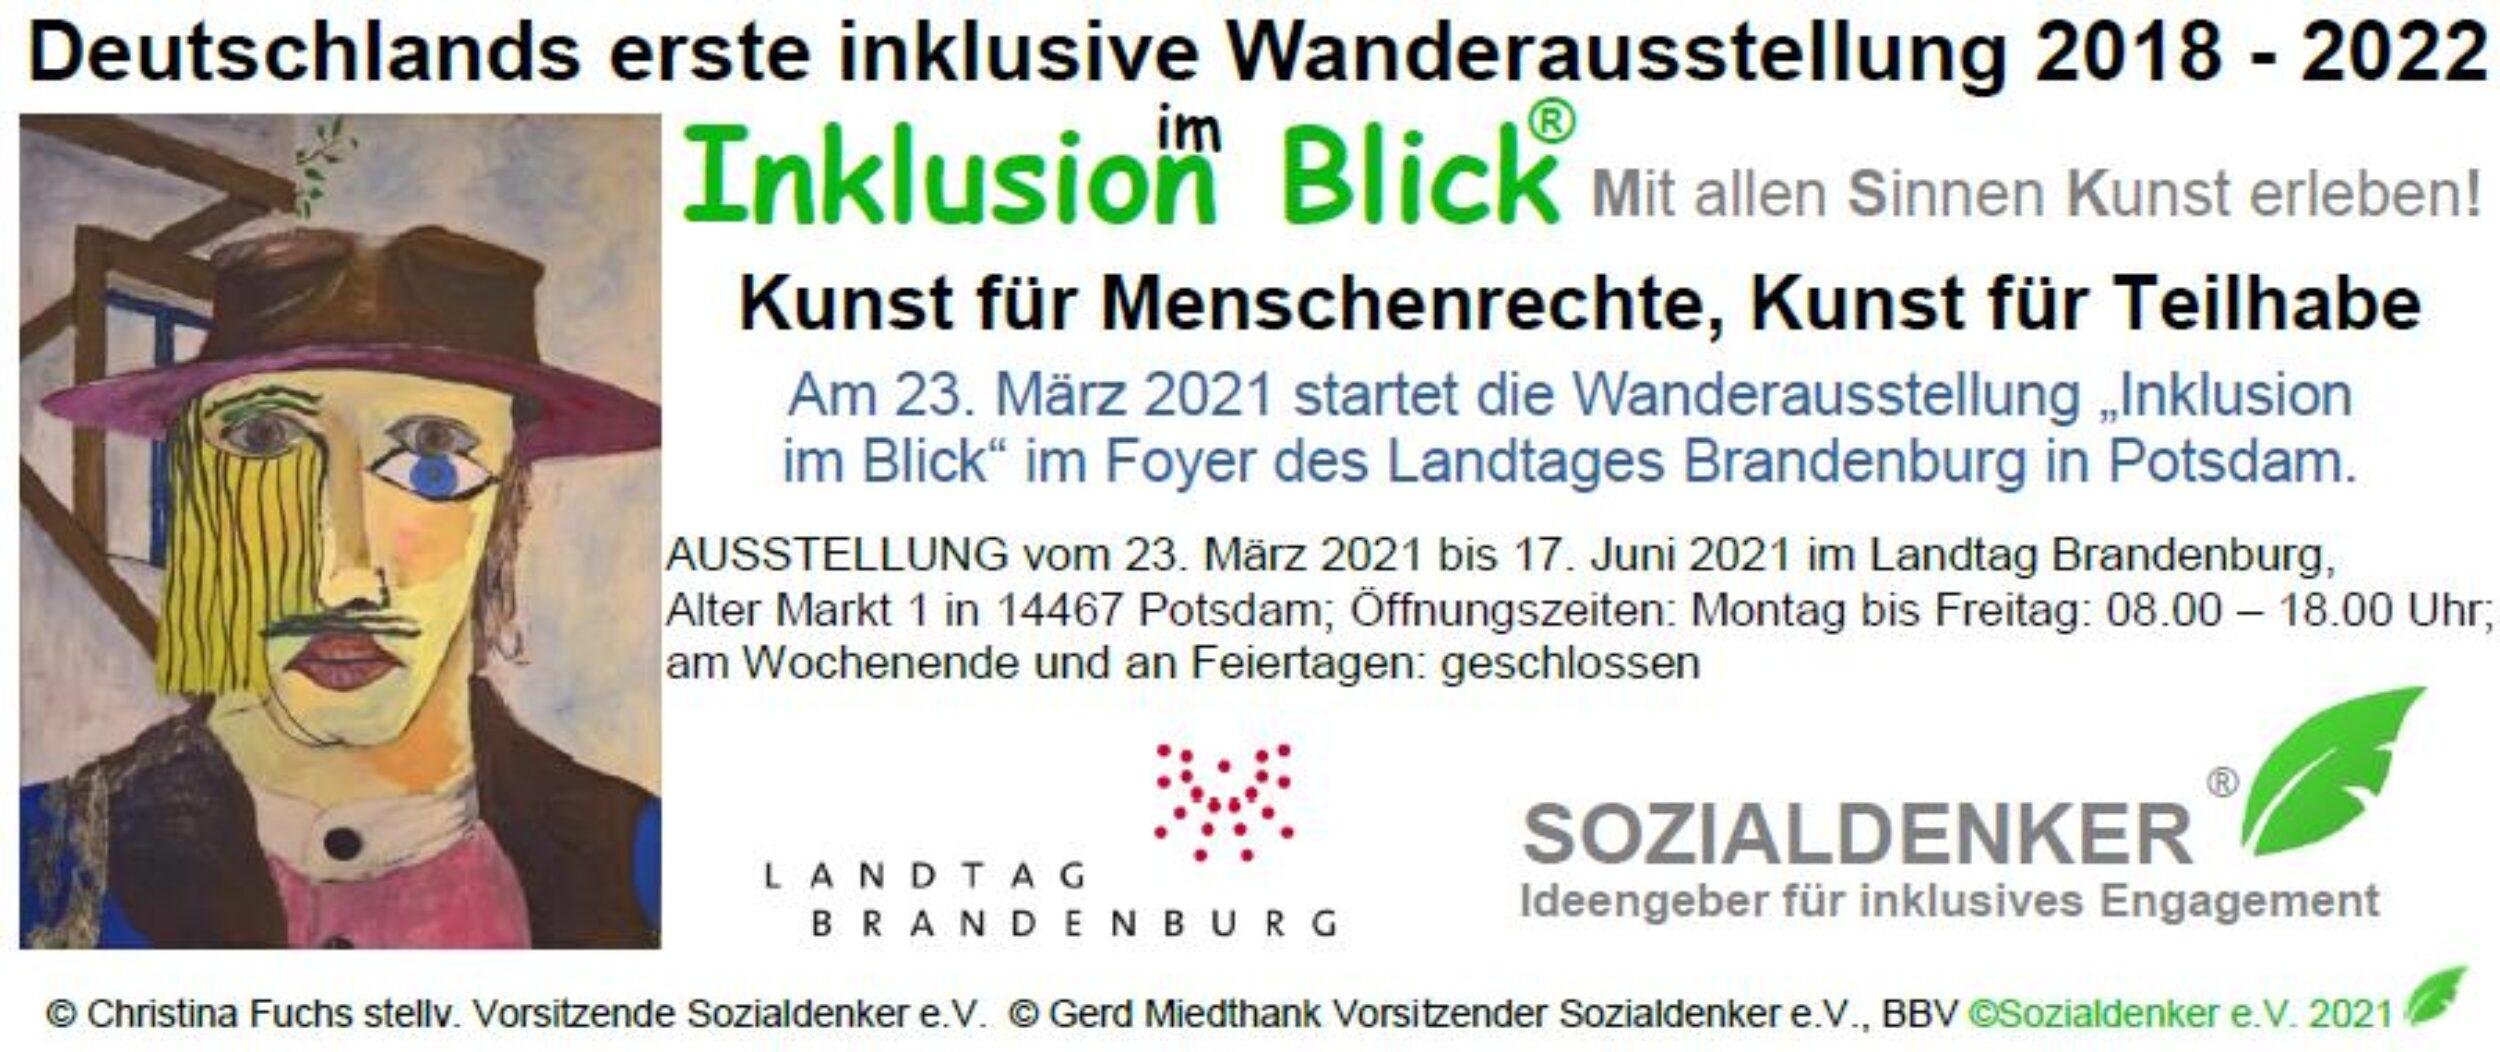 Deutschlands erste inklusive Wanderausstellung